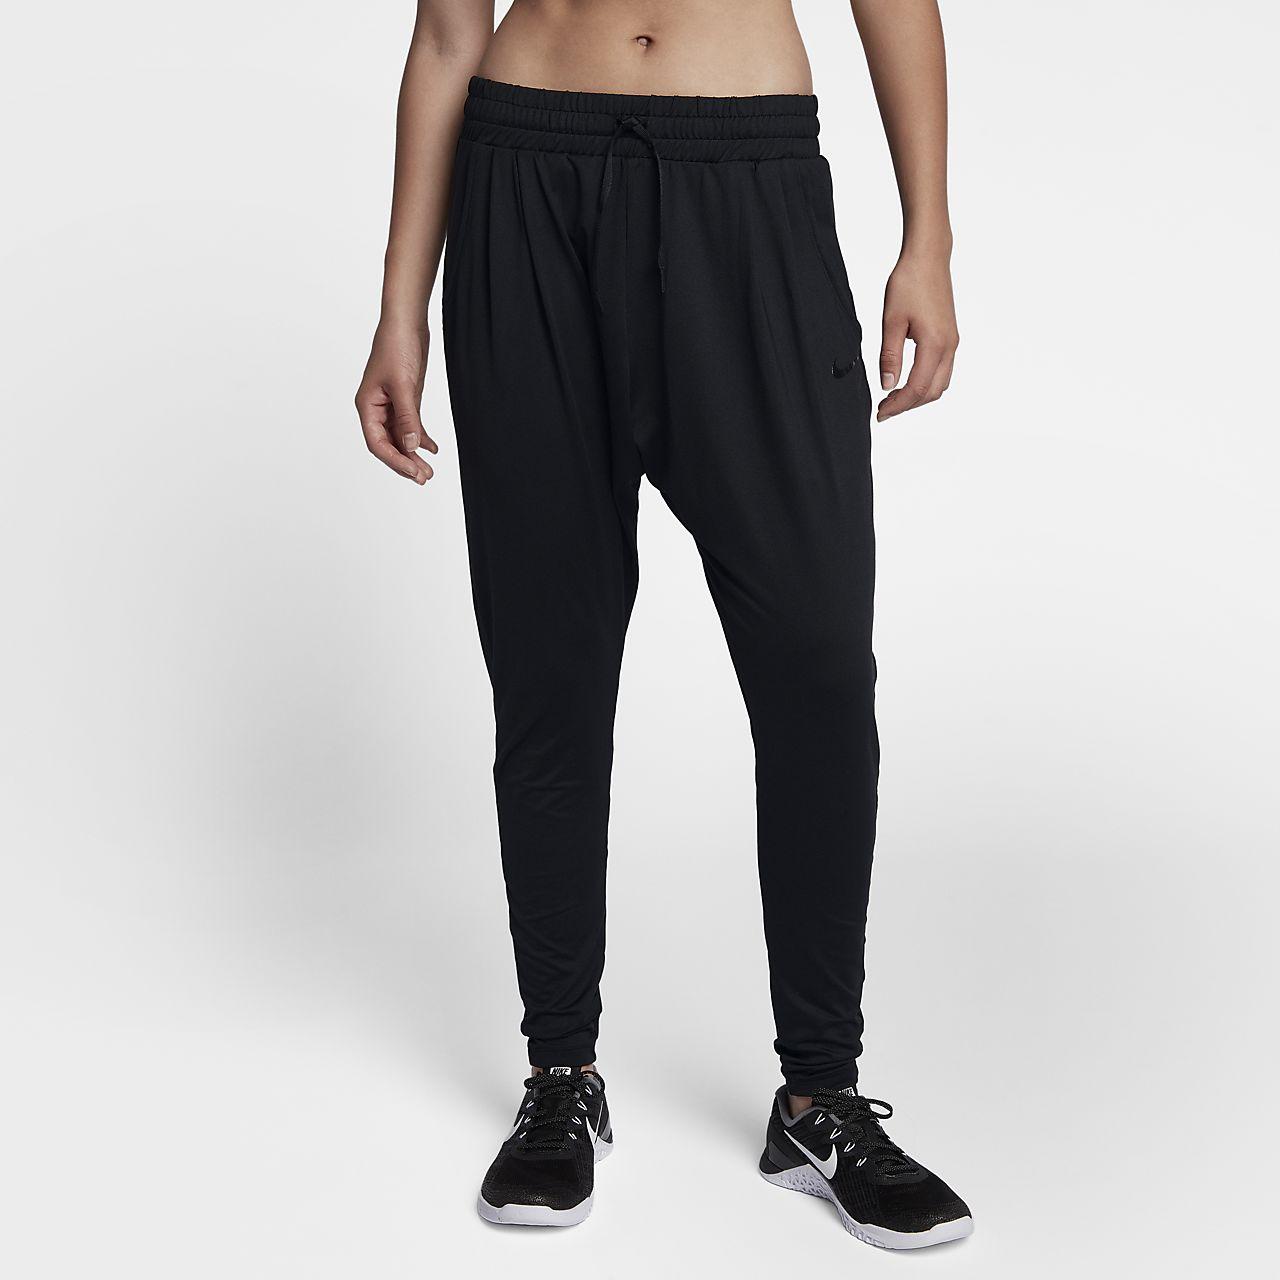 the latest 38dc7 a5775 ... Pantalon de training taille mi-basse Nike Dri-FIT Lux Flow pour Femme